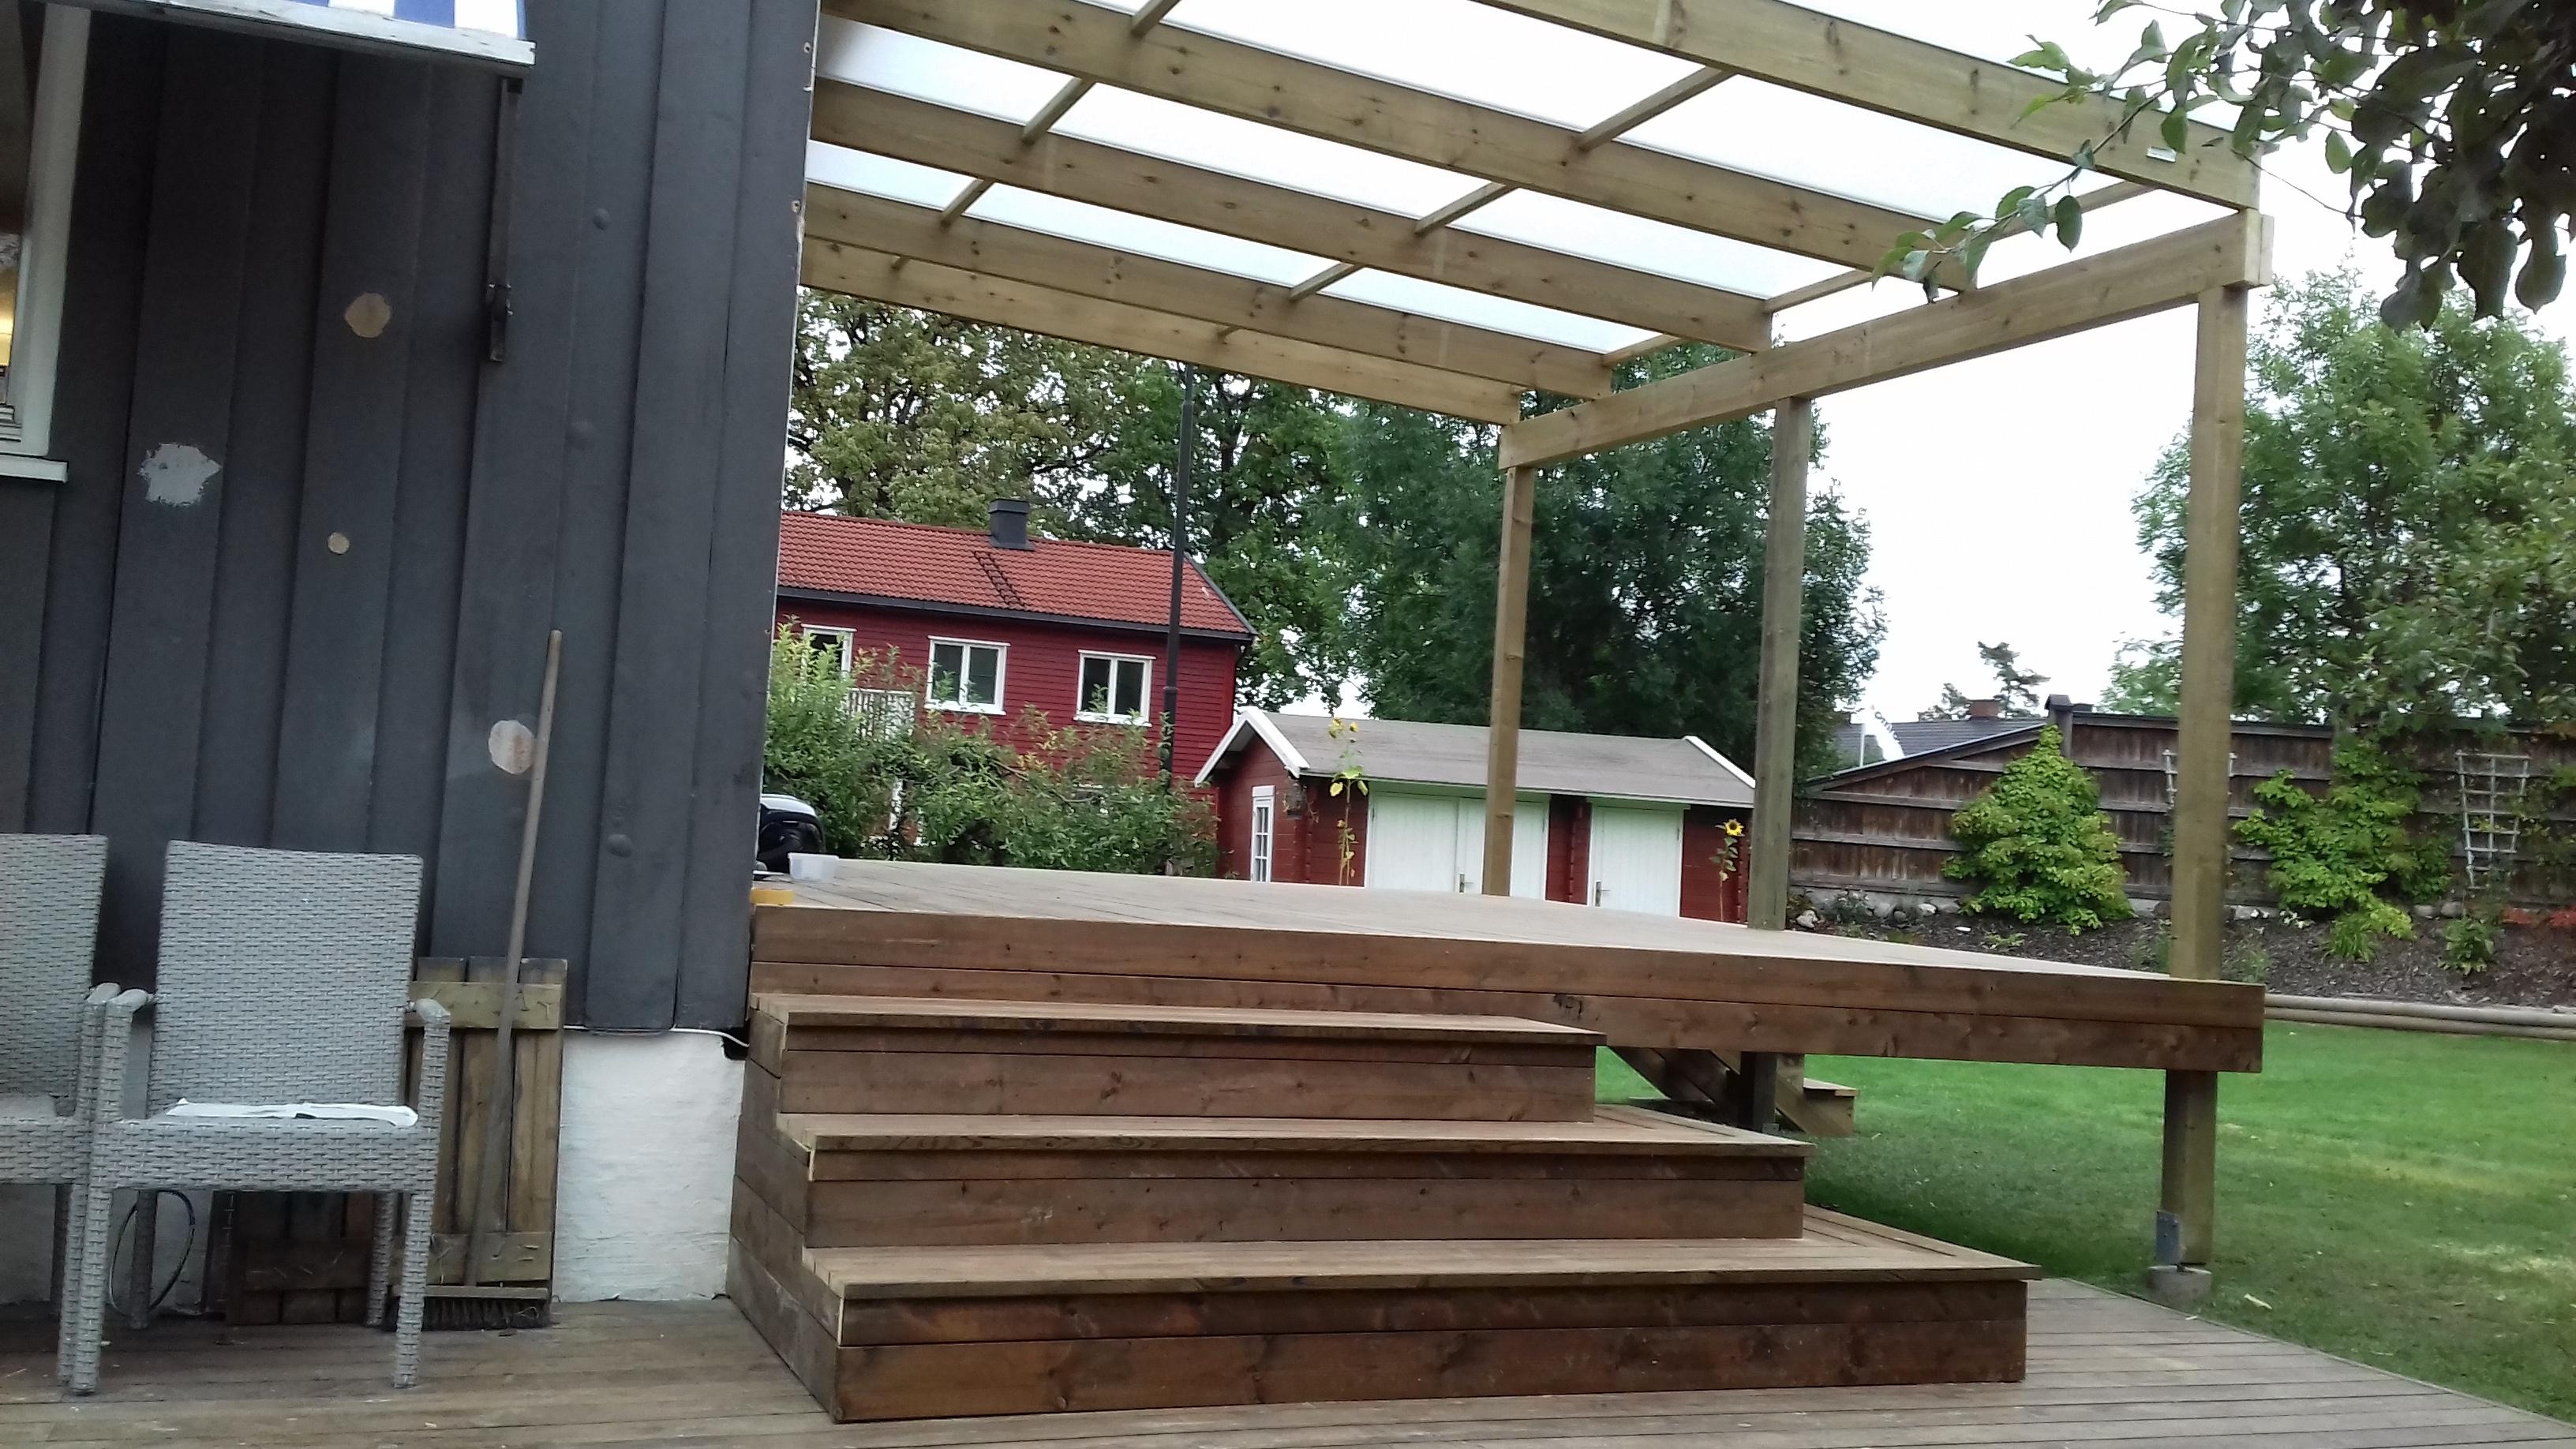 plast tak over veranda